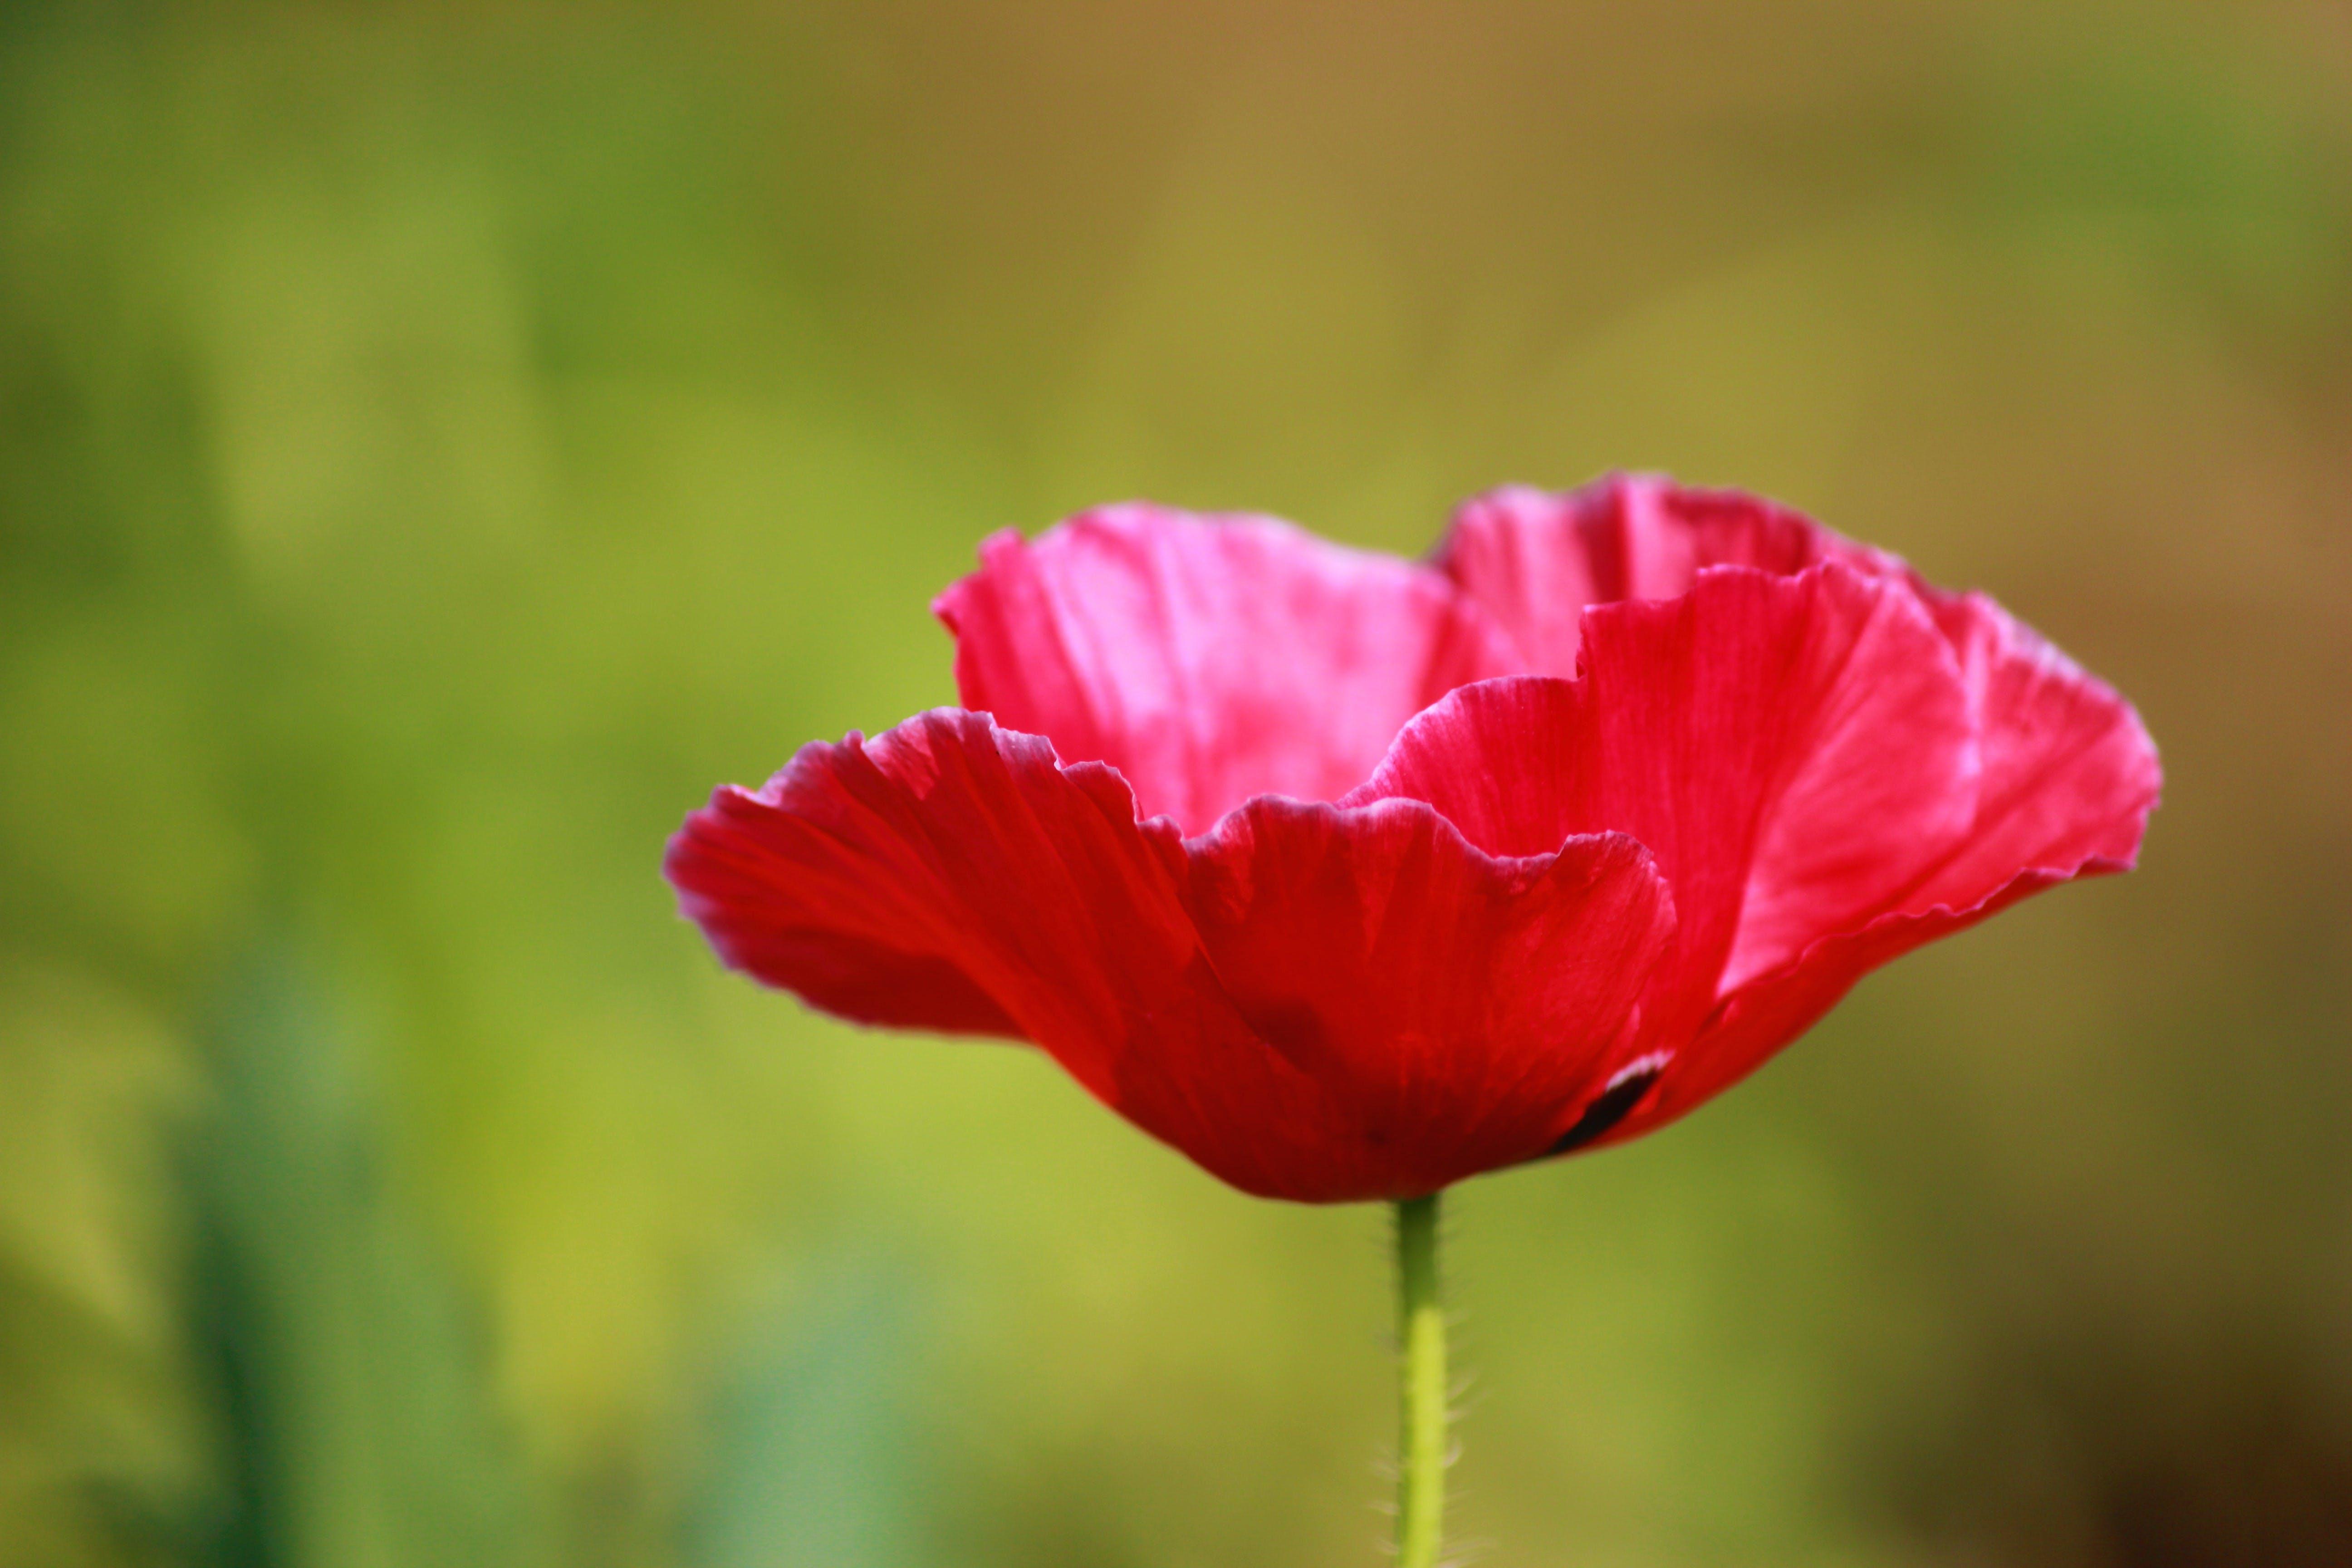 คลังภาพถ่ายฟรี ของ กลีบดอก, การเจริญเติบโต, กำลังบาน, ต้นไม้